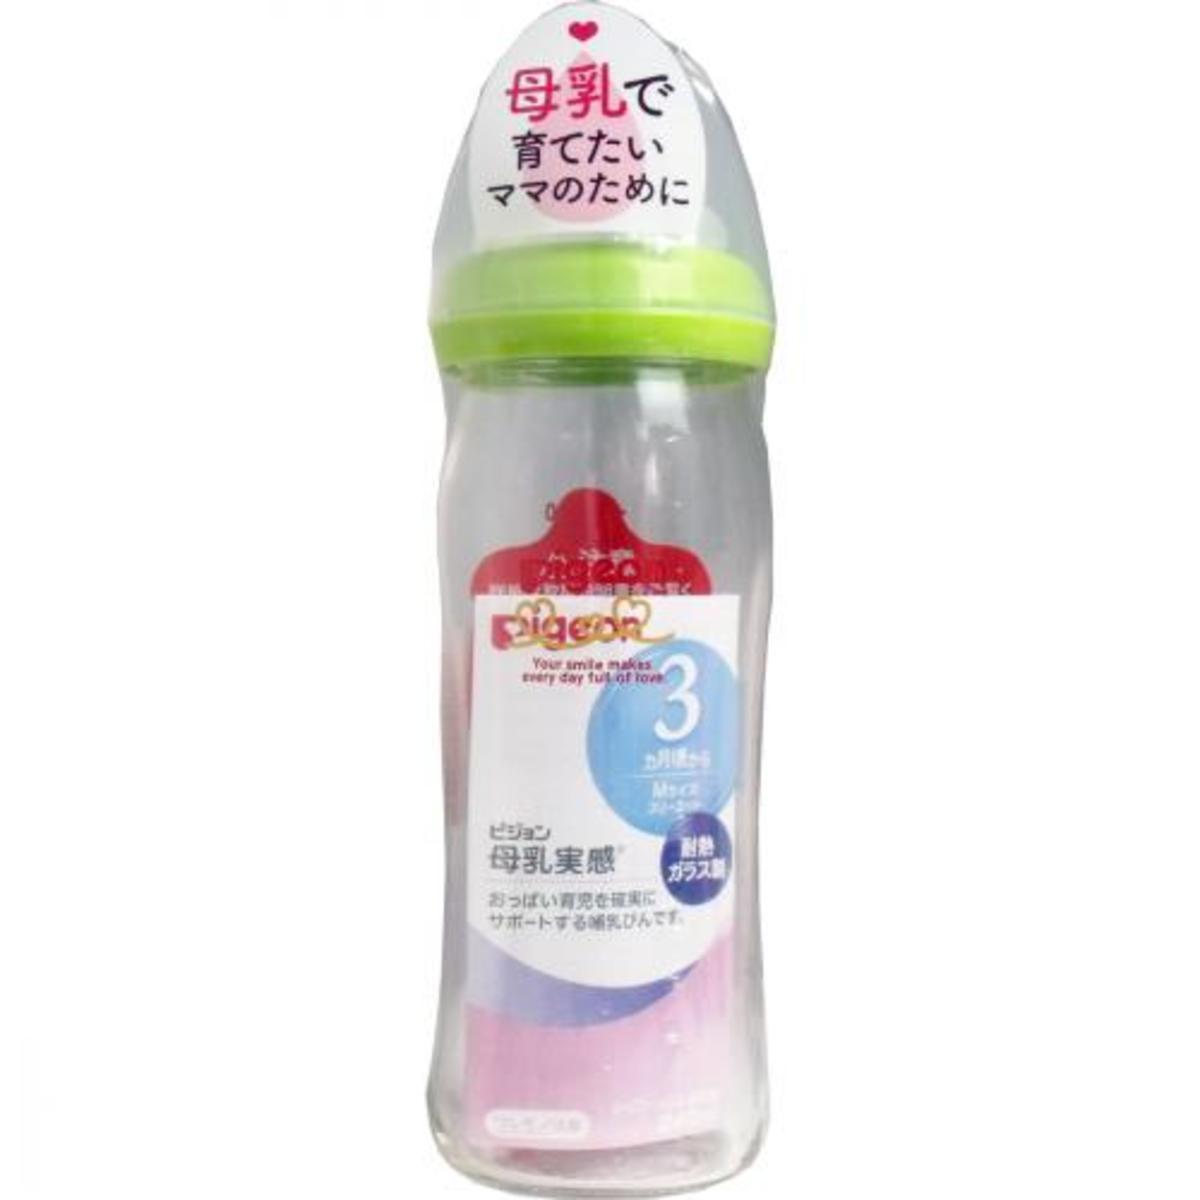 新款母乳實感奶瓶(玻璃瓶) 240ml(綠色)